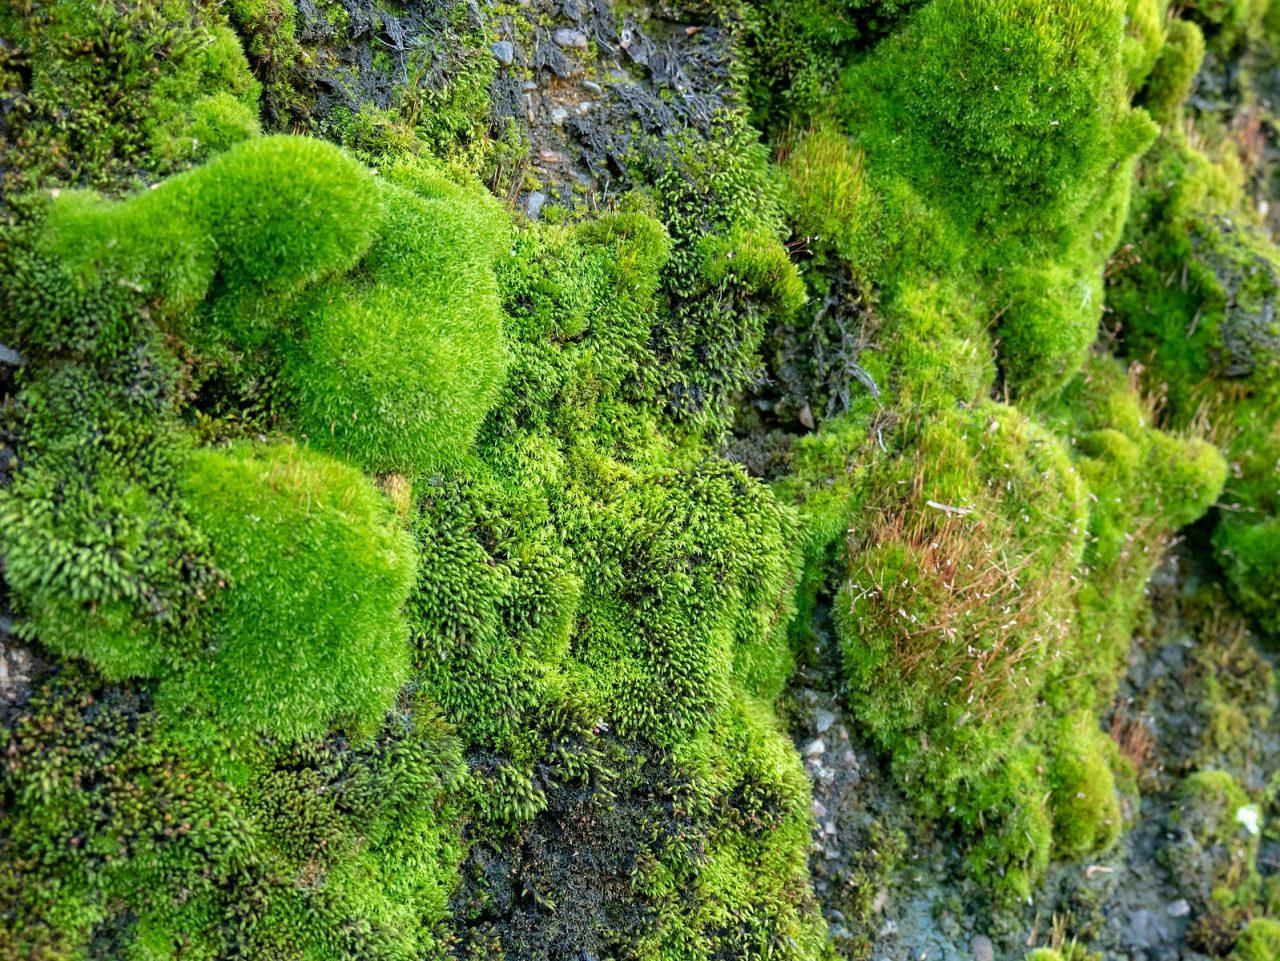 1598px-04-1233-moss-1-1280x961.jpg